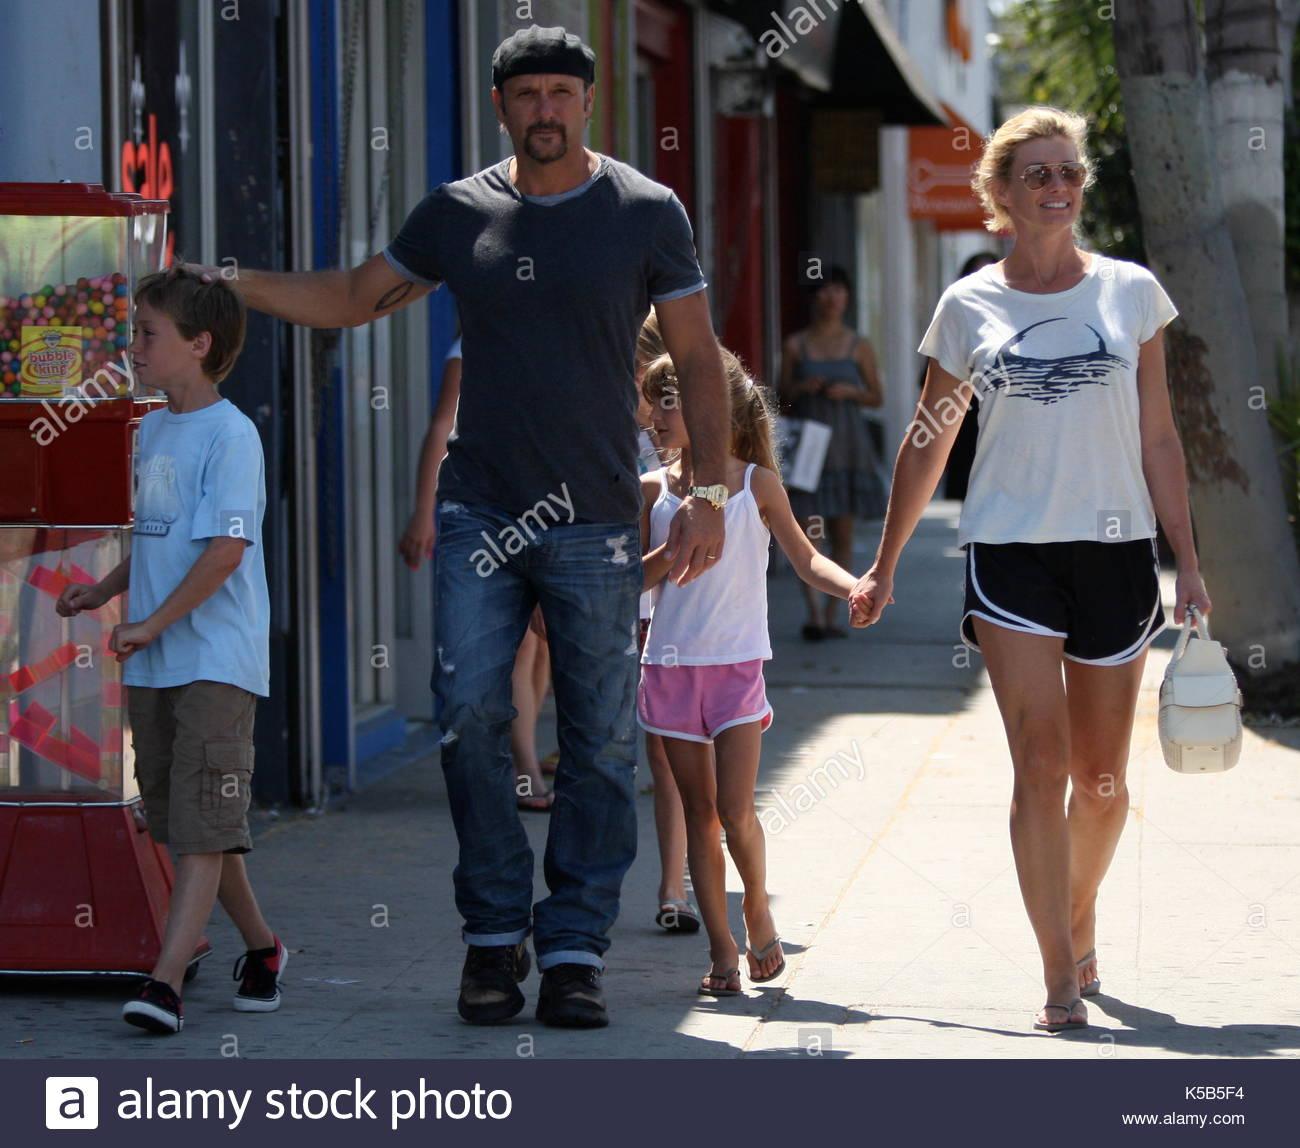 Faith hill tim mcgraw and their children faith hill and for How old are tim mcgraw and faith hill s kids